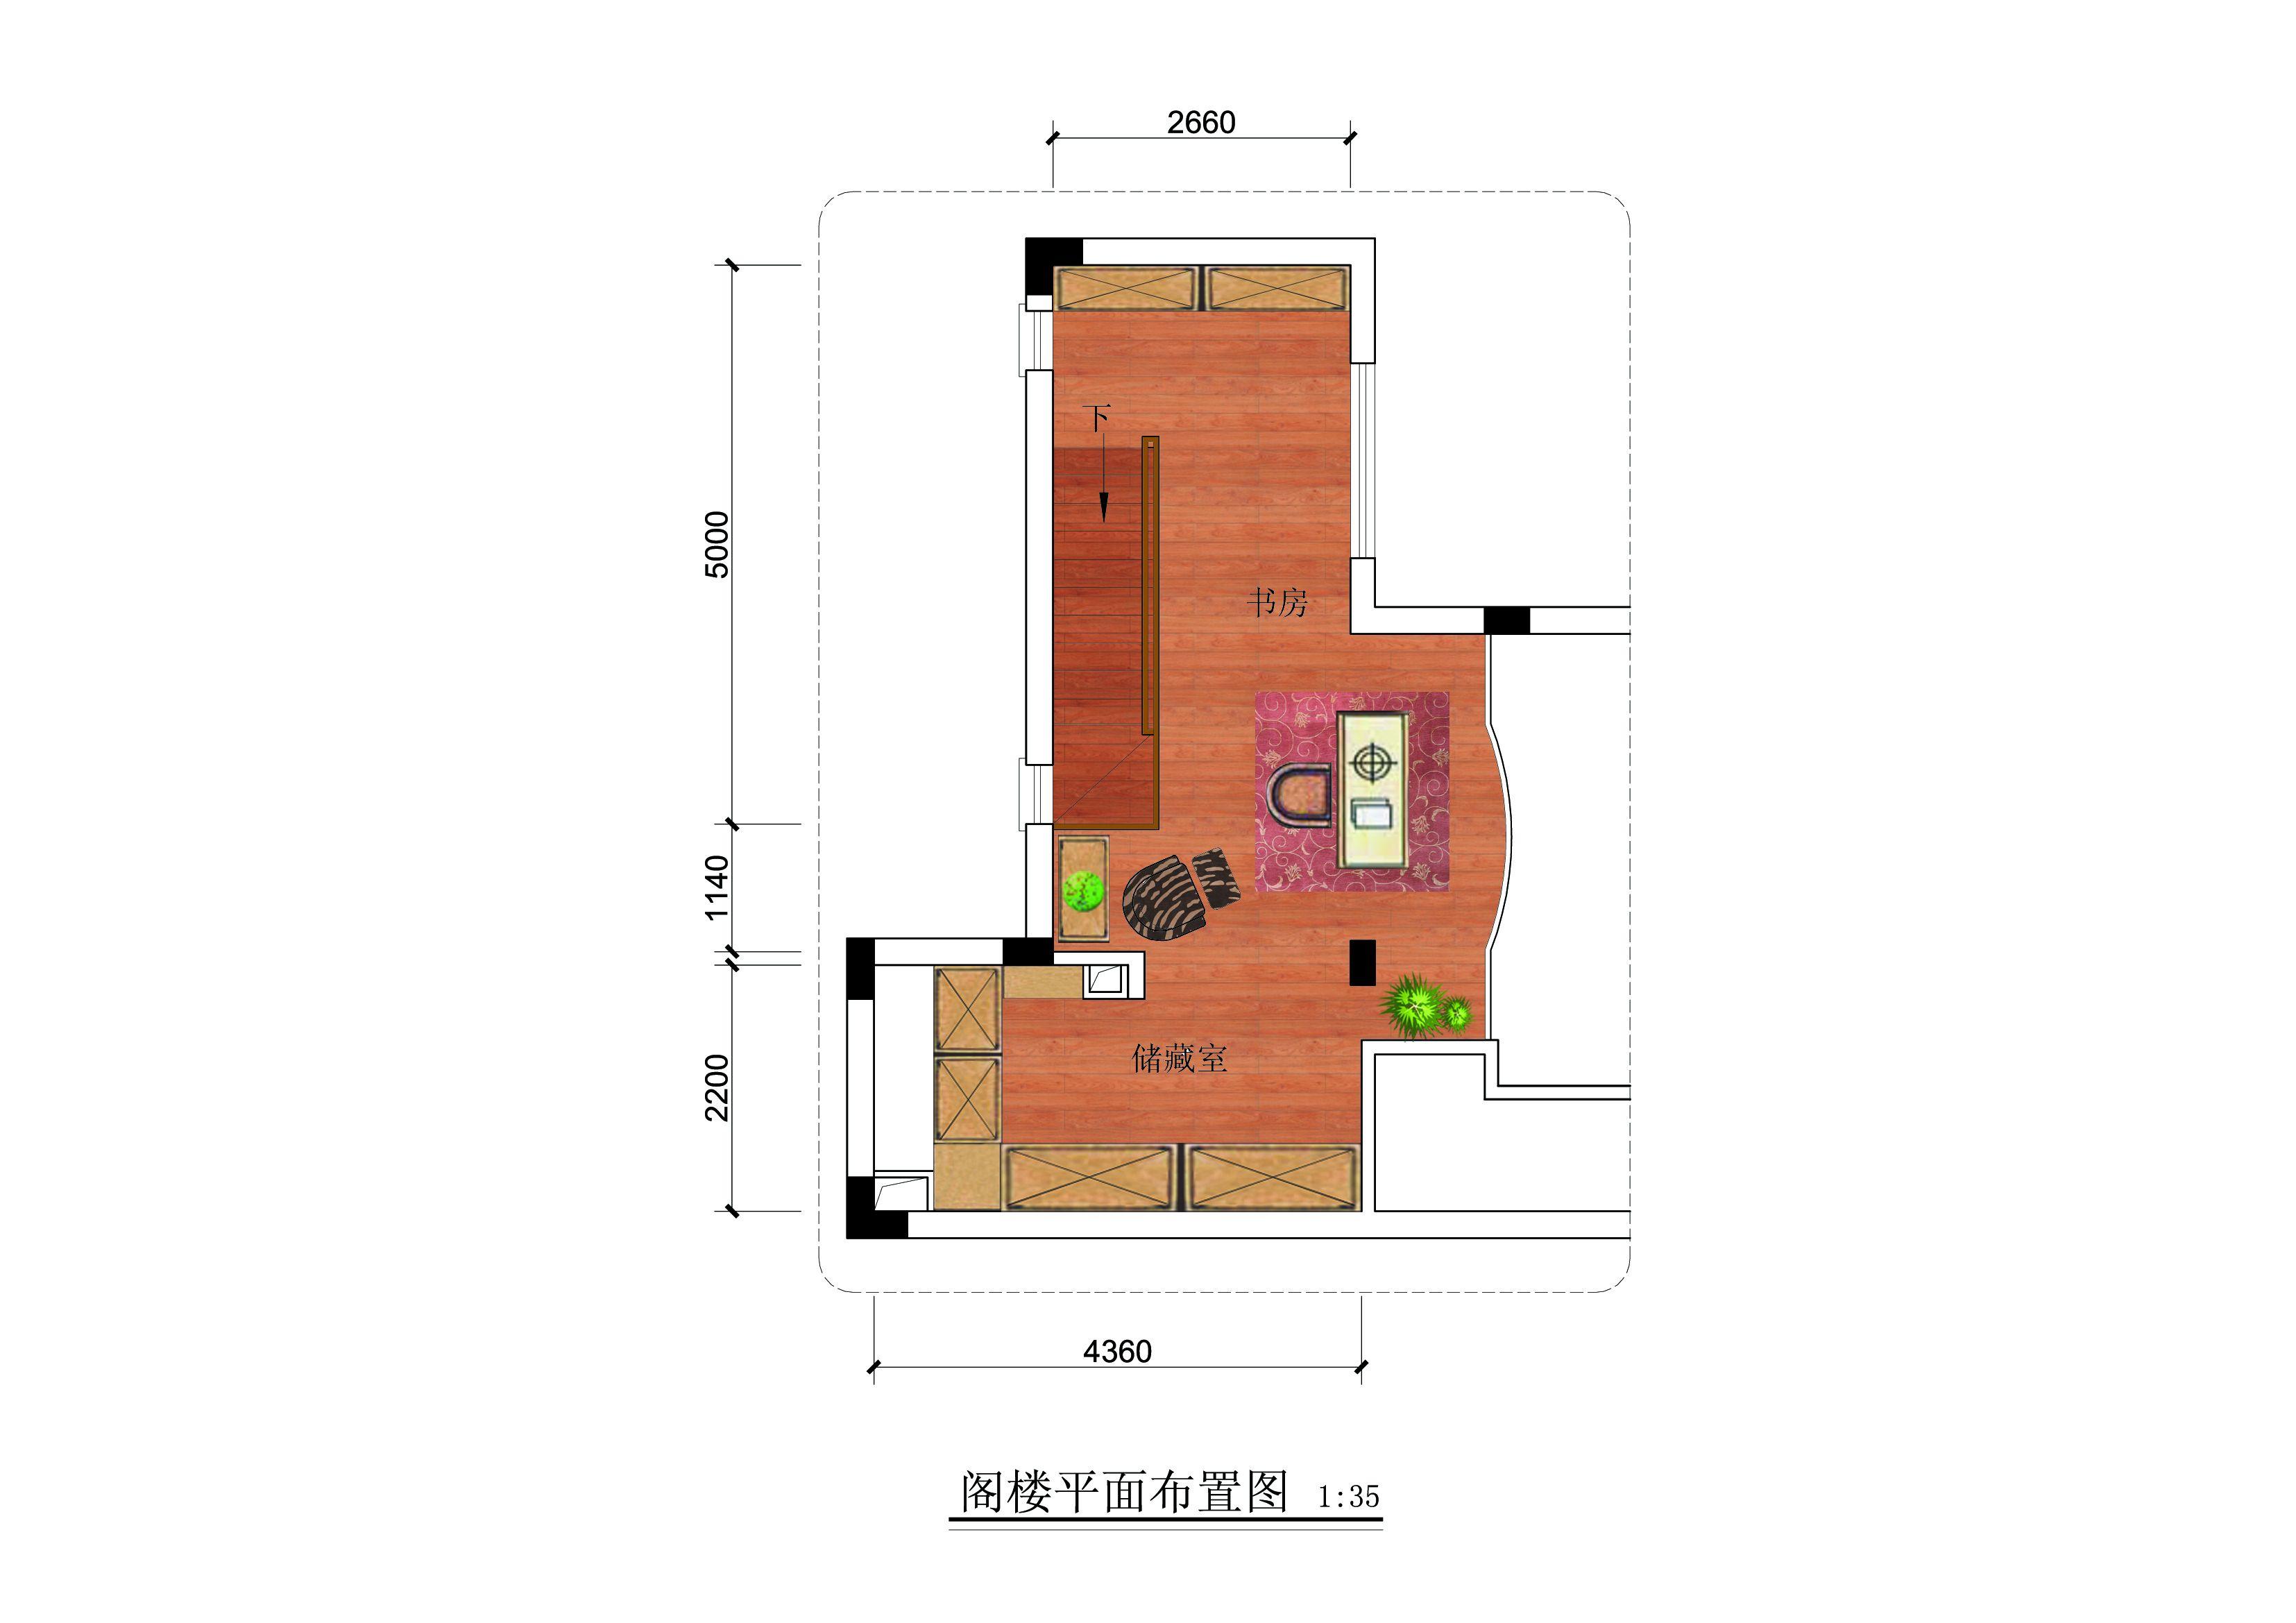 阁楼平面图